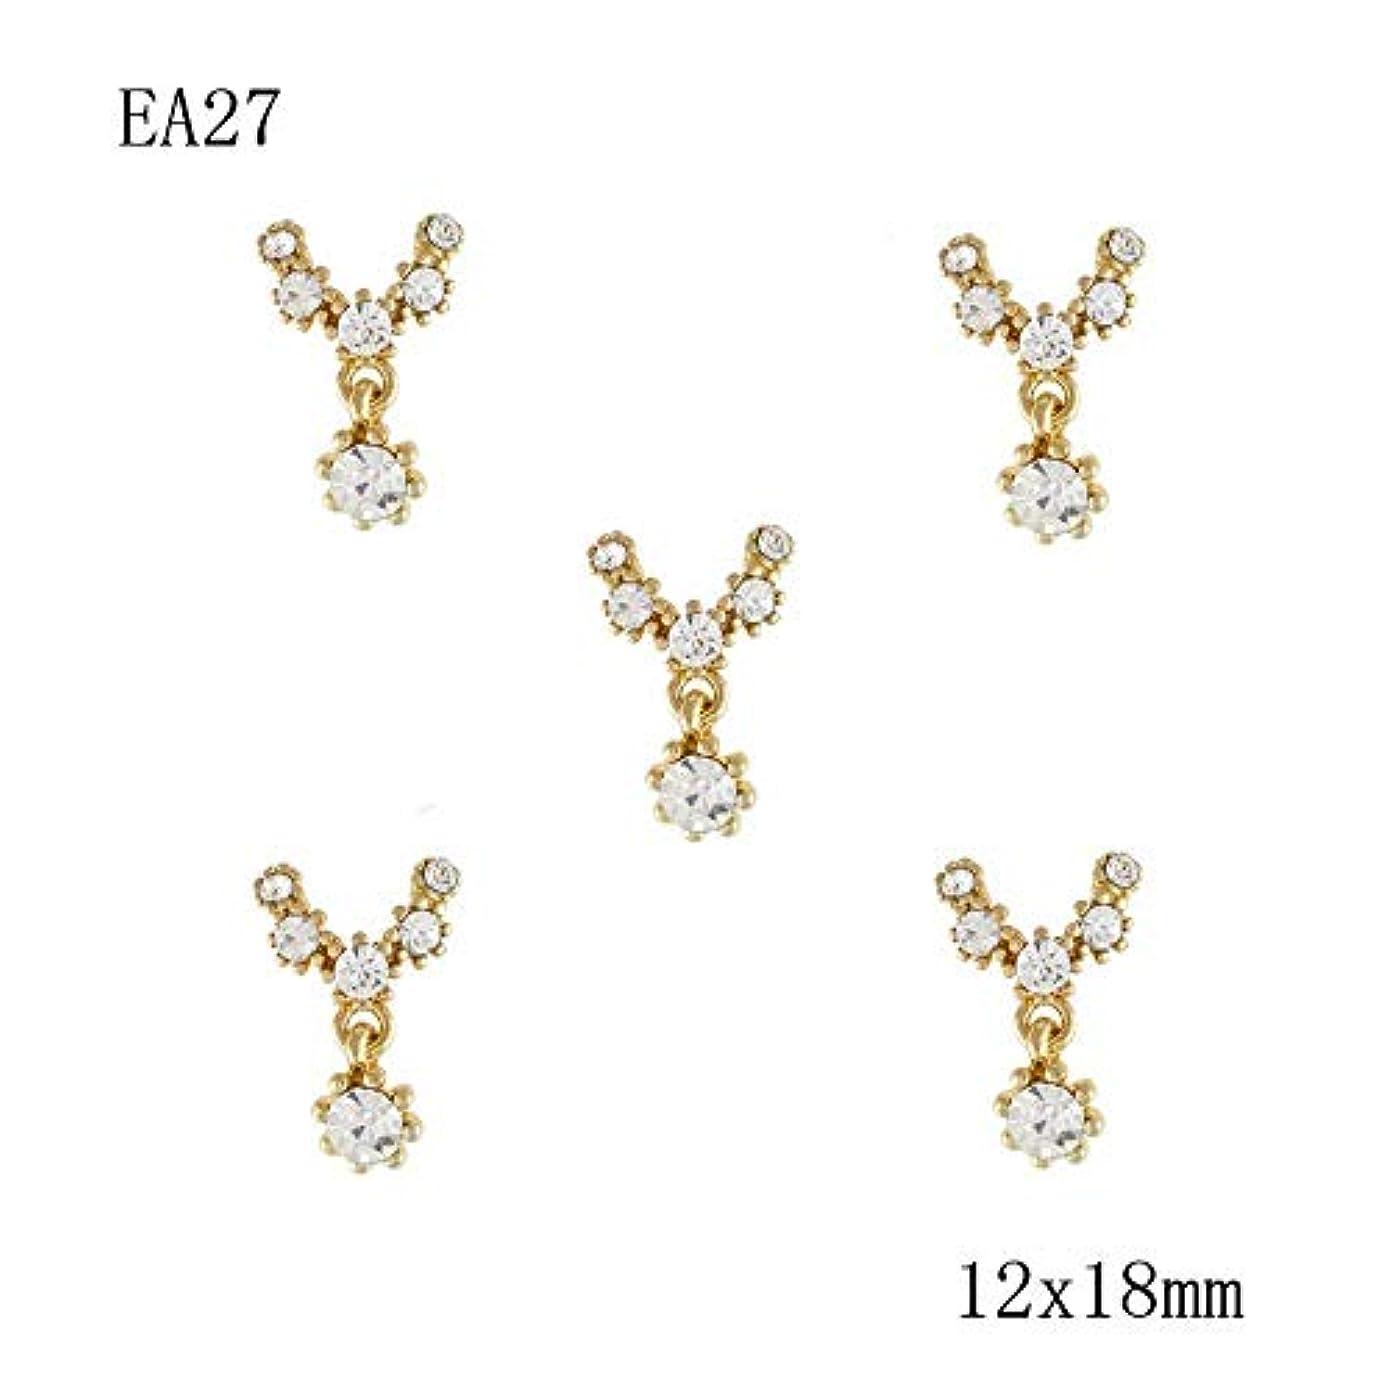 扱いやすいイライラする見る人10PCS金銀金属の3Dダイヤモンドネイルアートクリスマスの装飾の魅力の爪は、ラインストーンネイル用品の宝石クリスマスのキラキラ,21